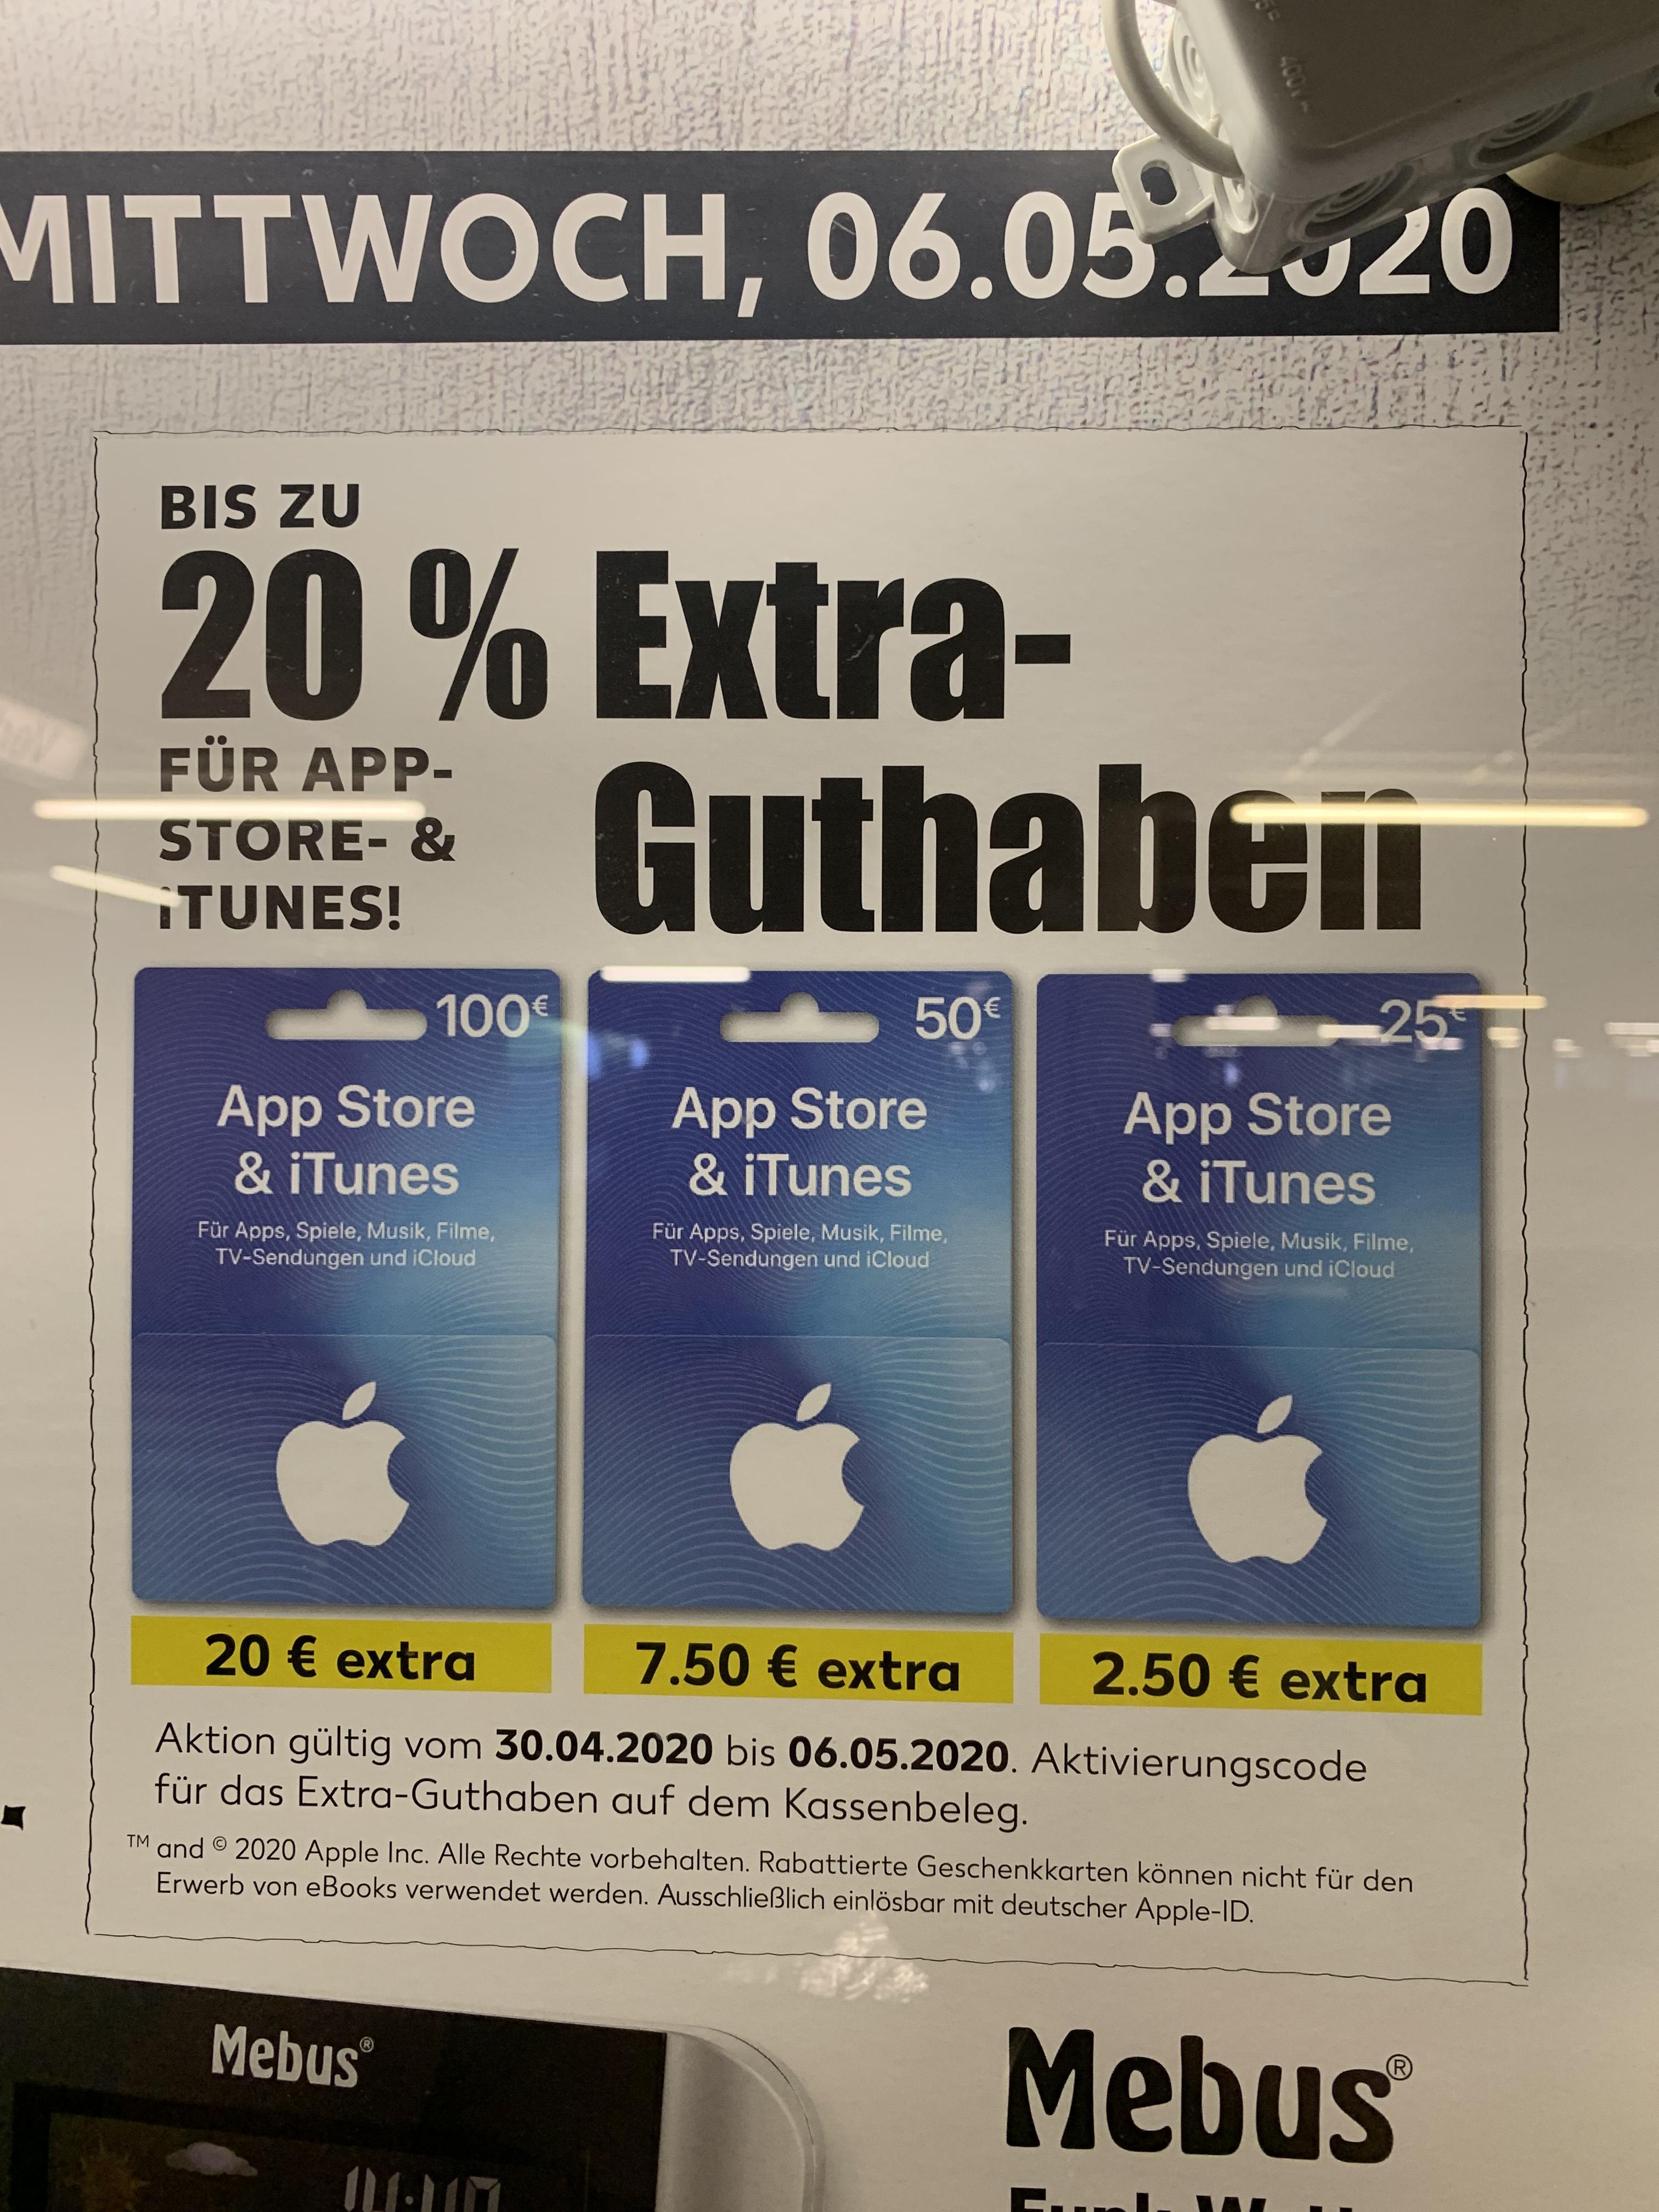 [Kaufland] Apple AppStore & iTunes bis 20% Extra Guthaben